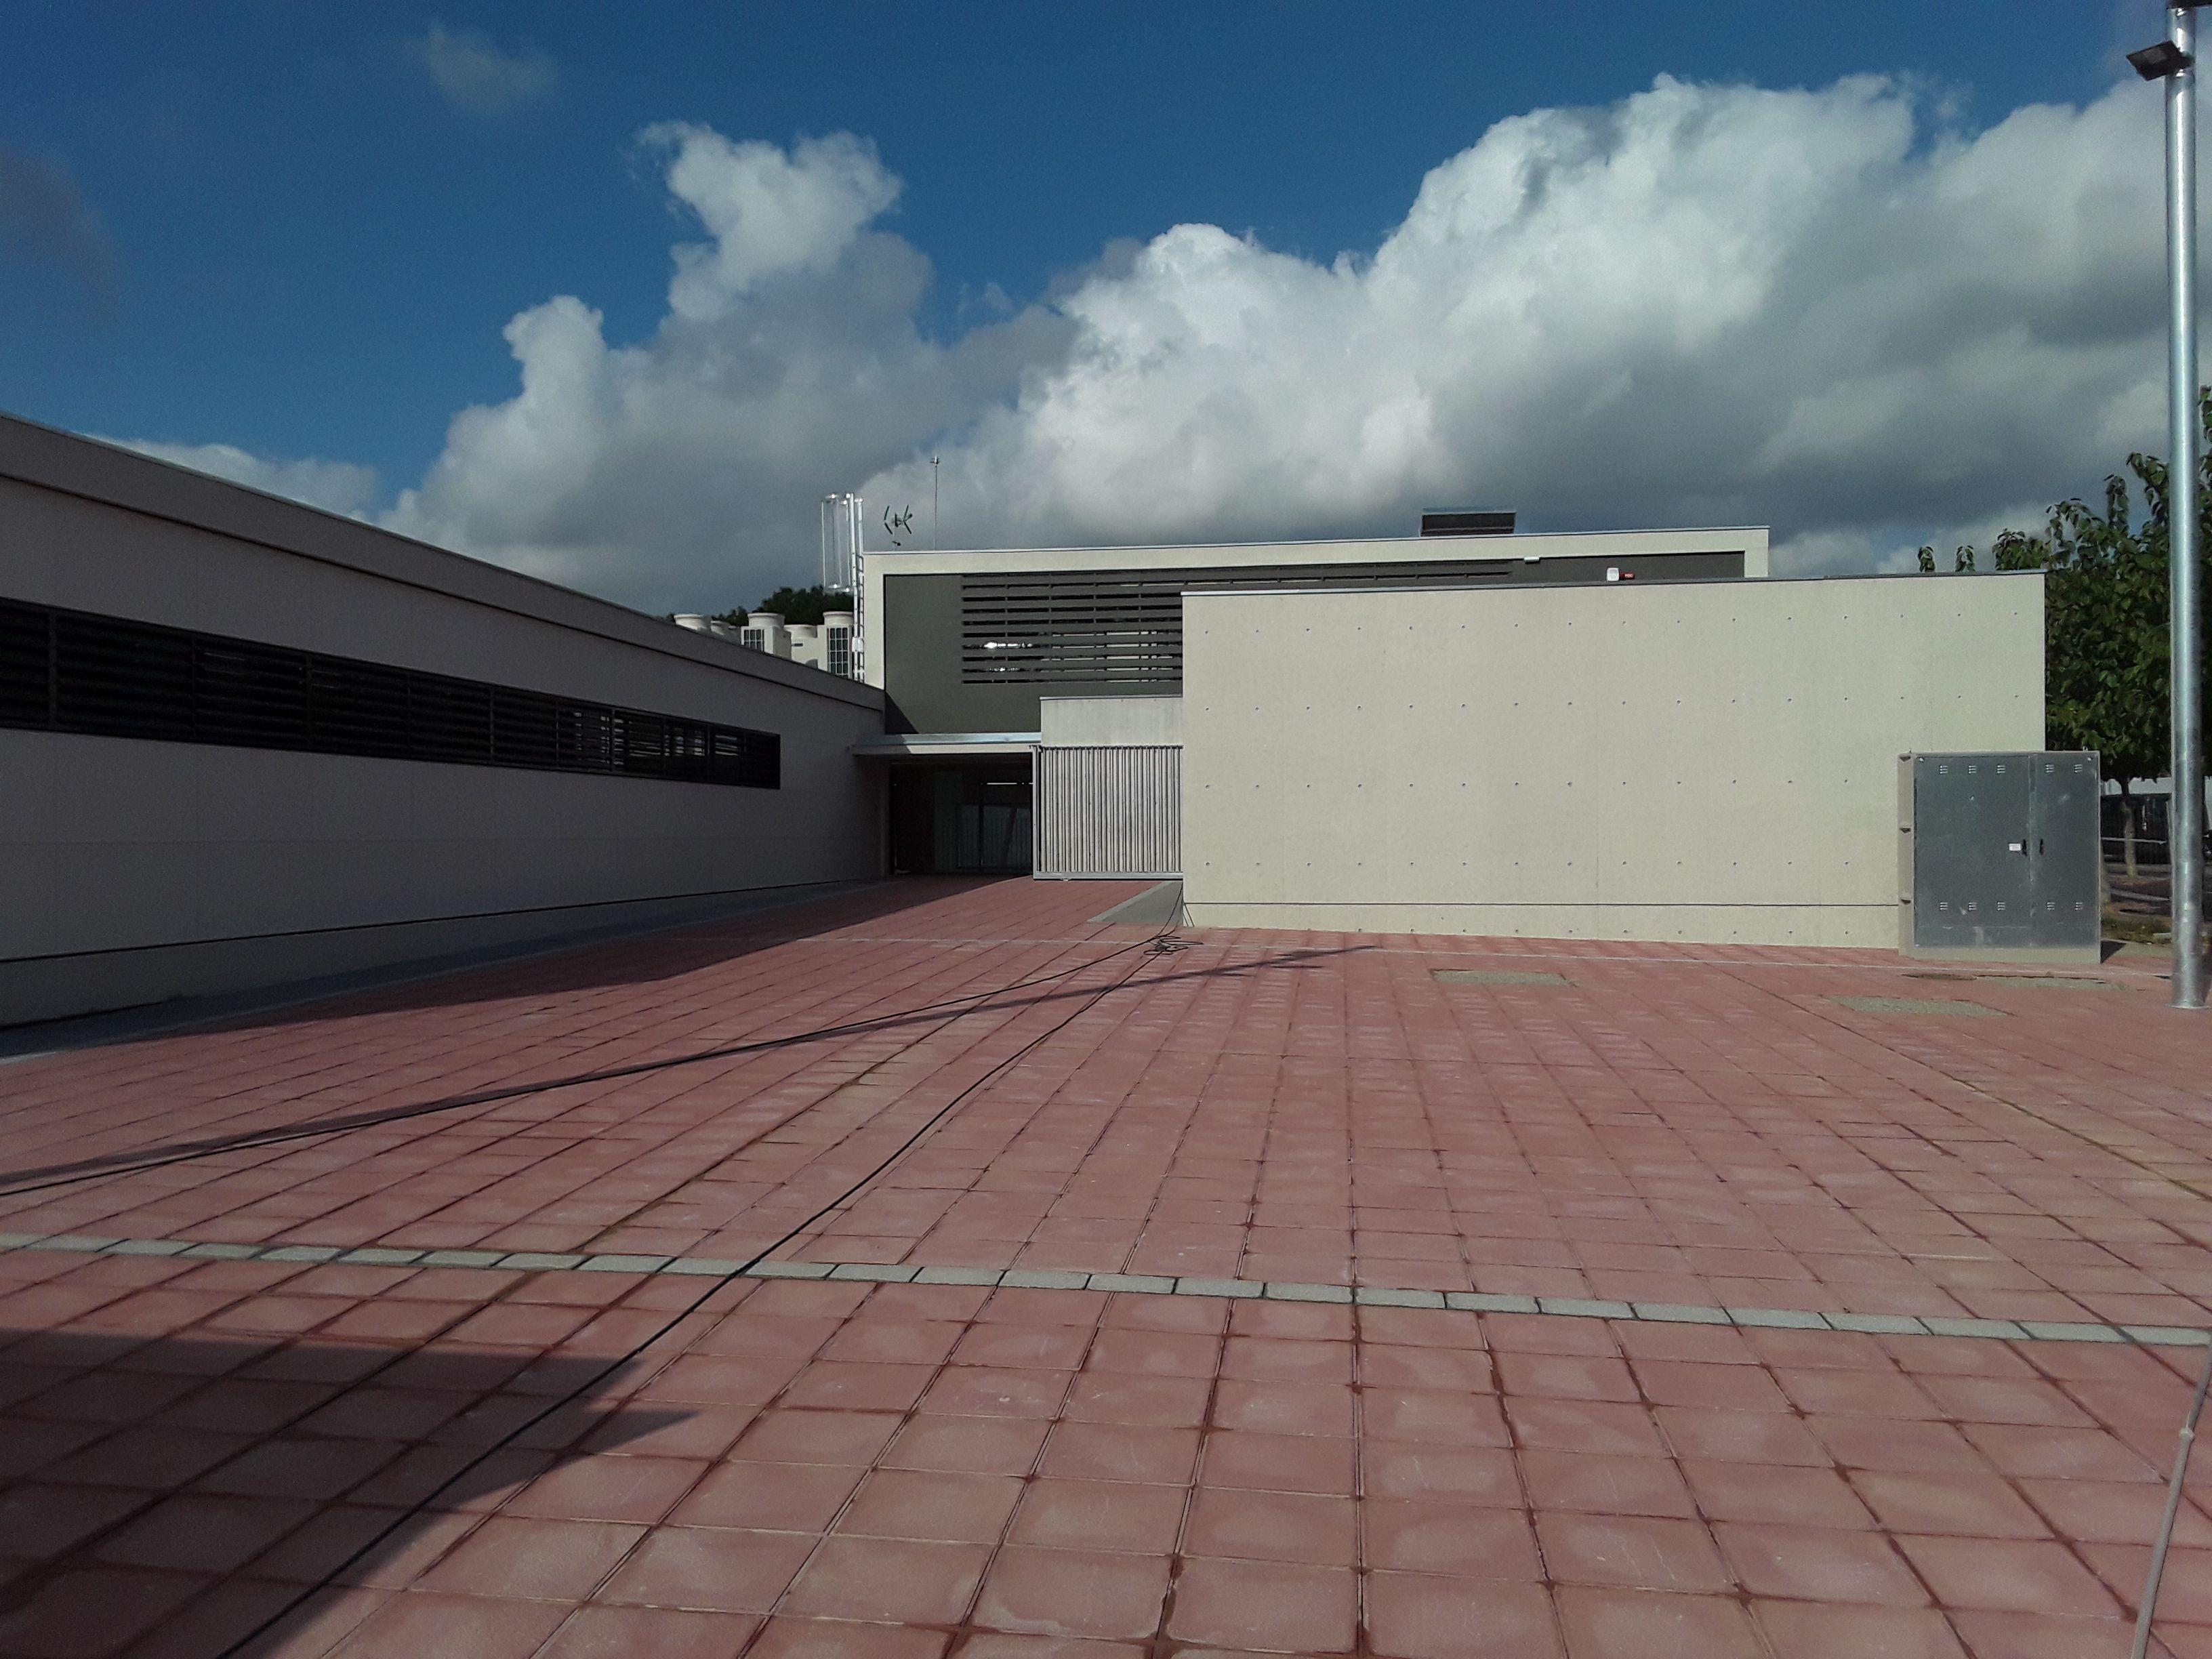 Centro de atención primaria en Sant Pere de Ribes: Trabajos de MasterPlan